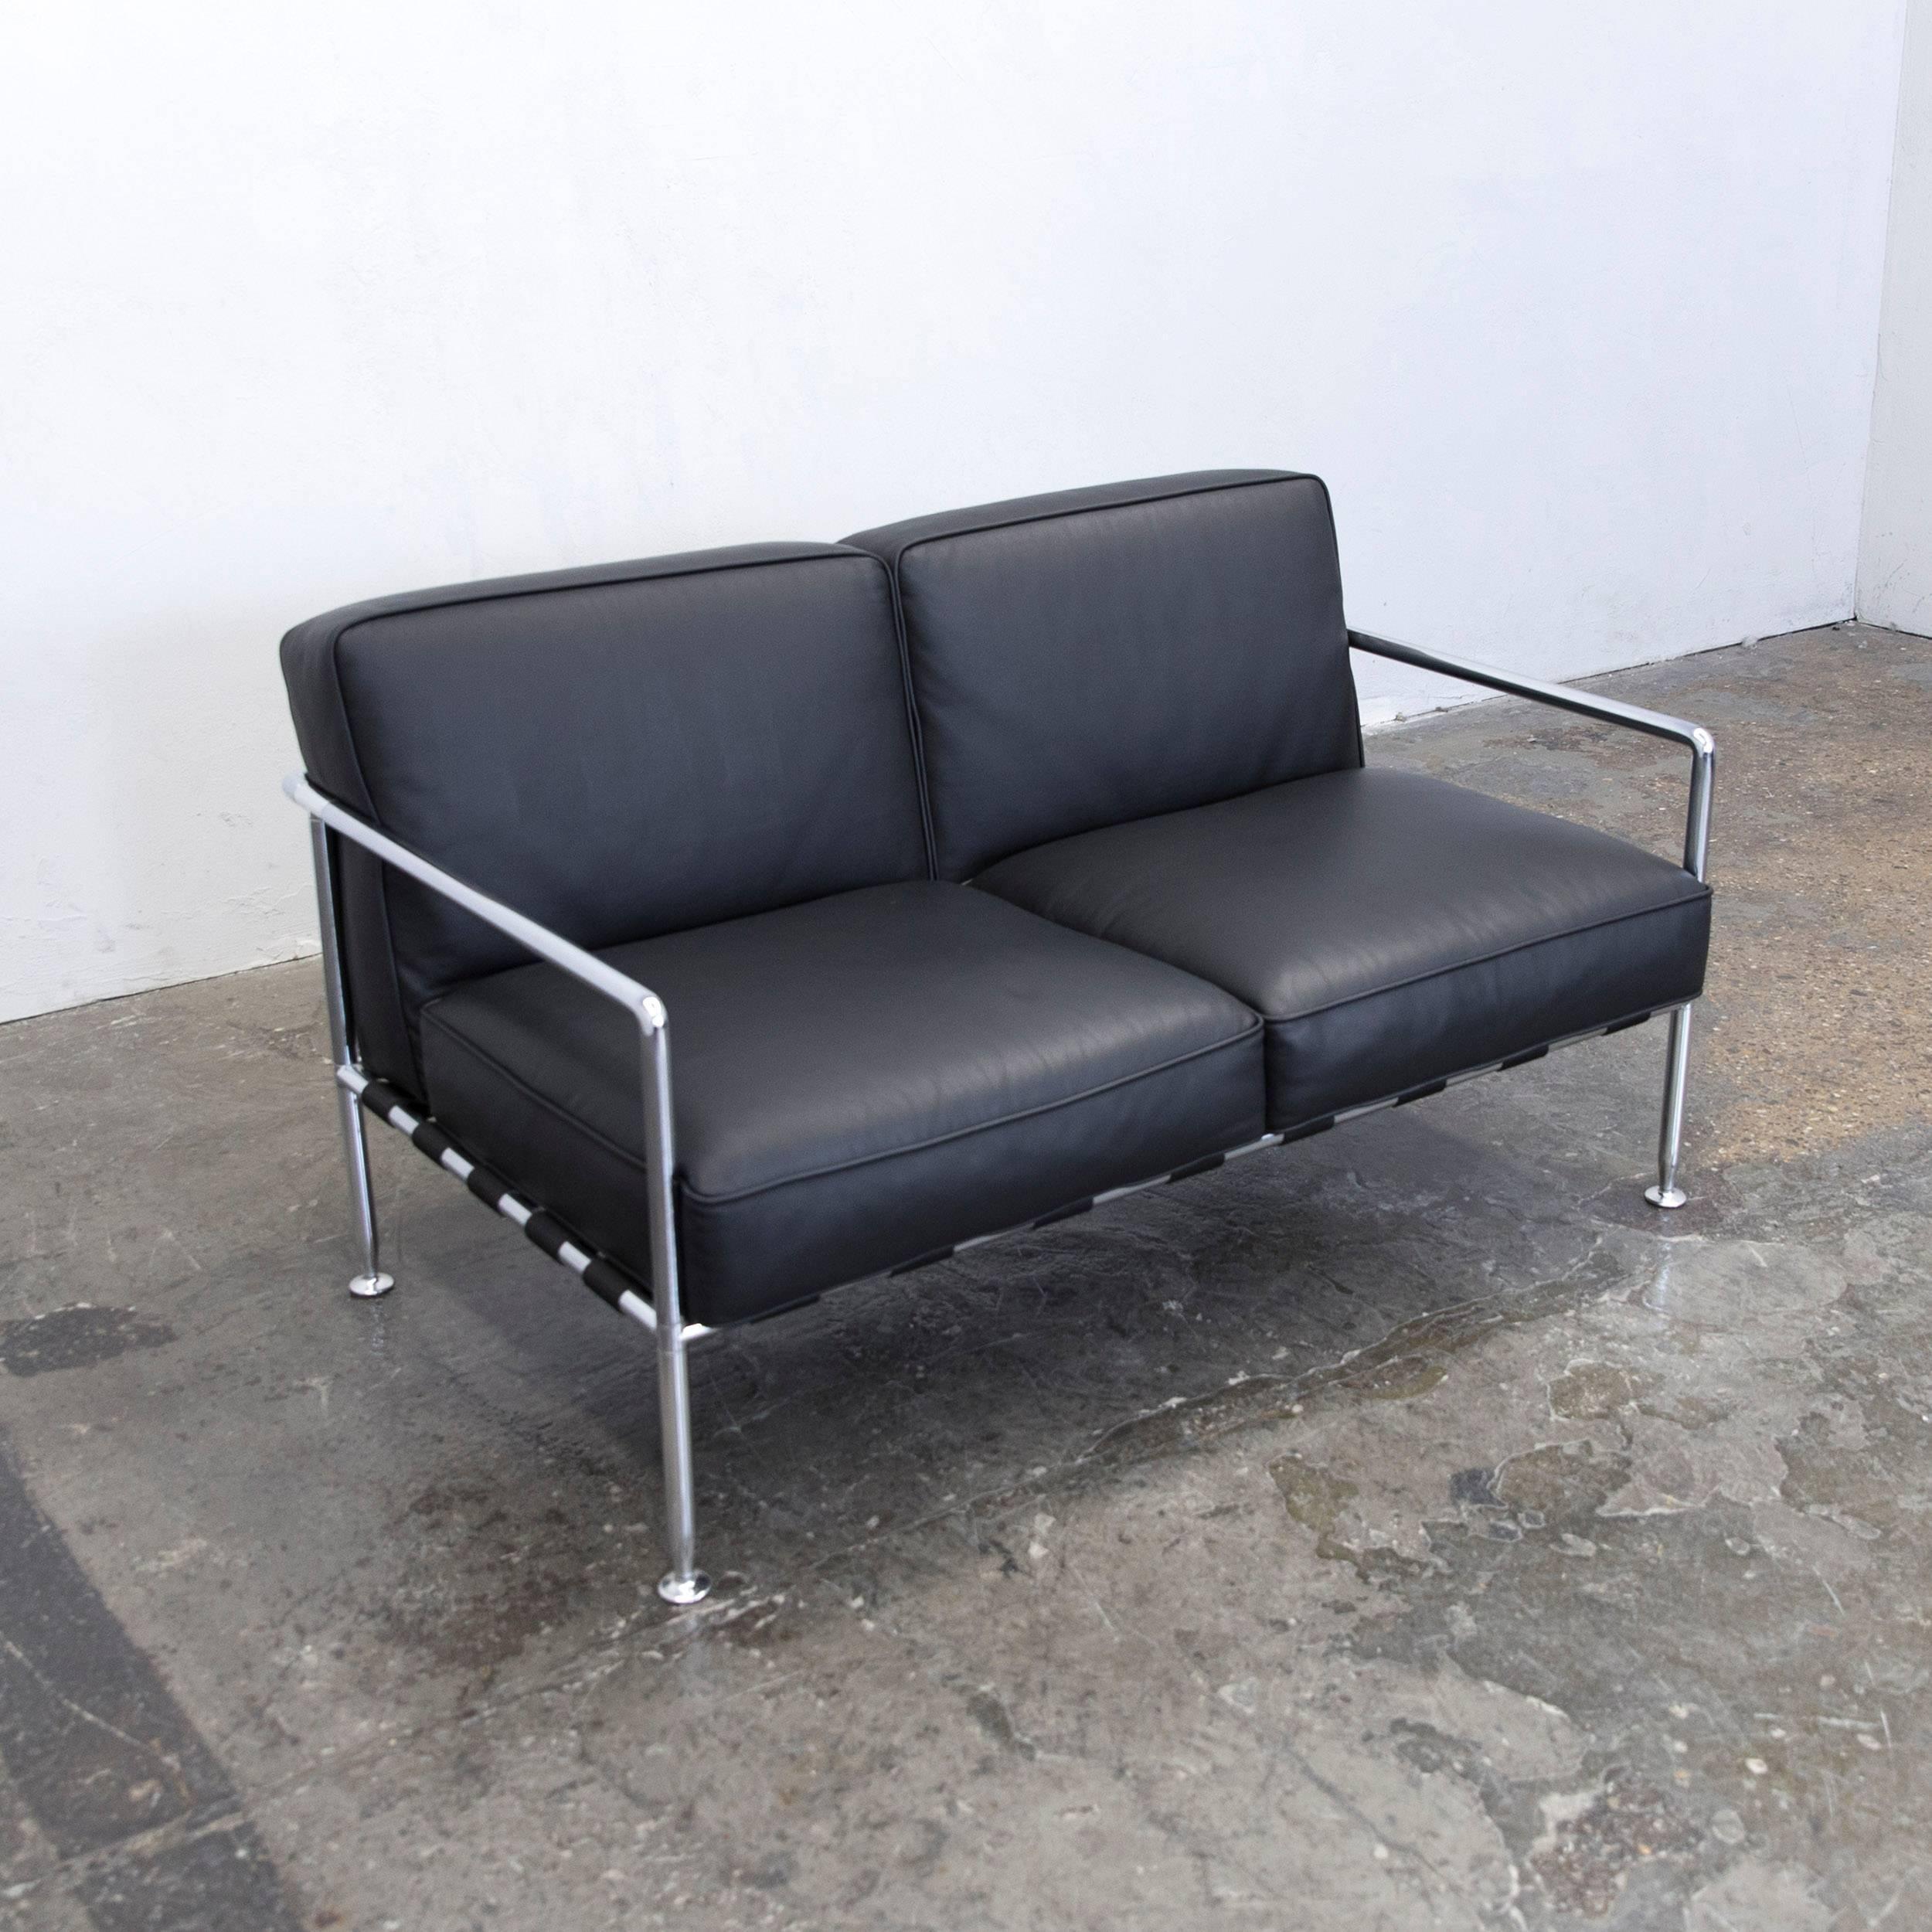 sofa leder schwarz full size of sofa modern leder sofa grau leder brostuhl interessant sofa. Black Bedroom Furniture Sets. Home Design Ideas